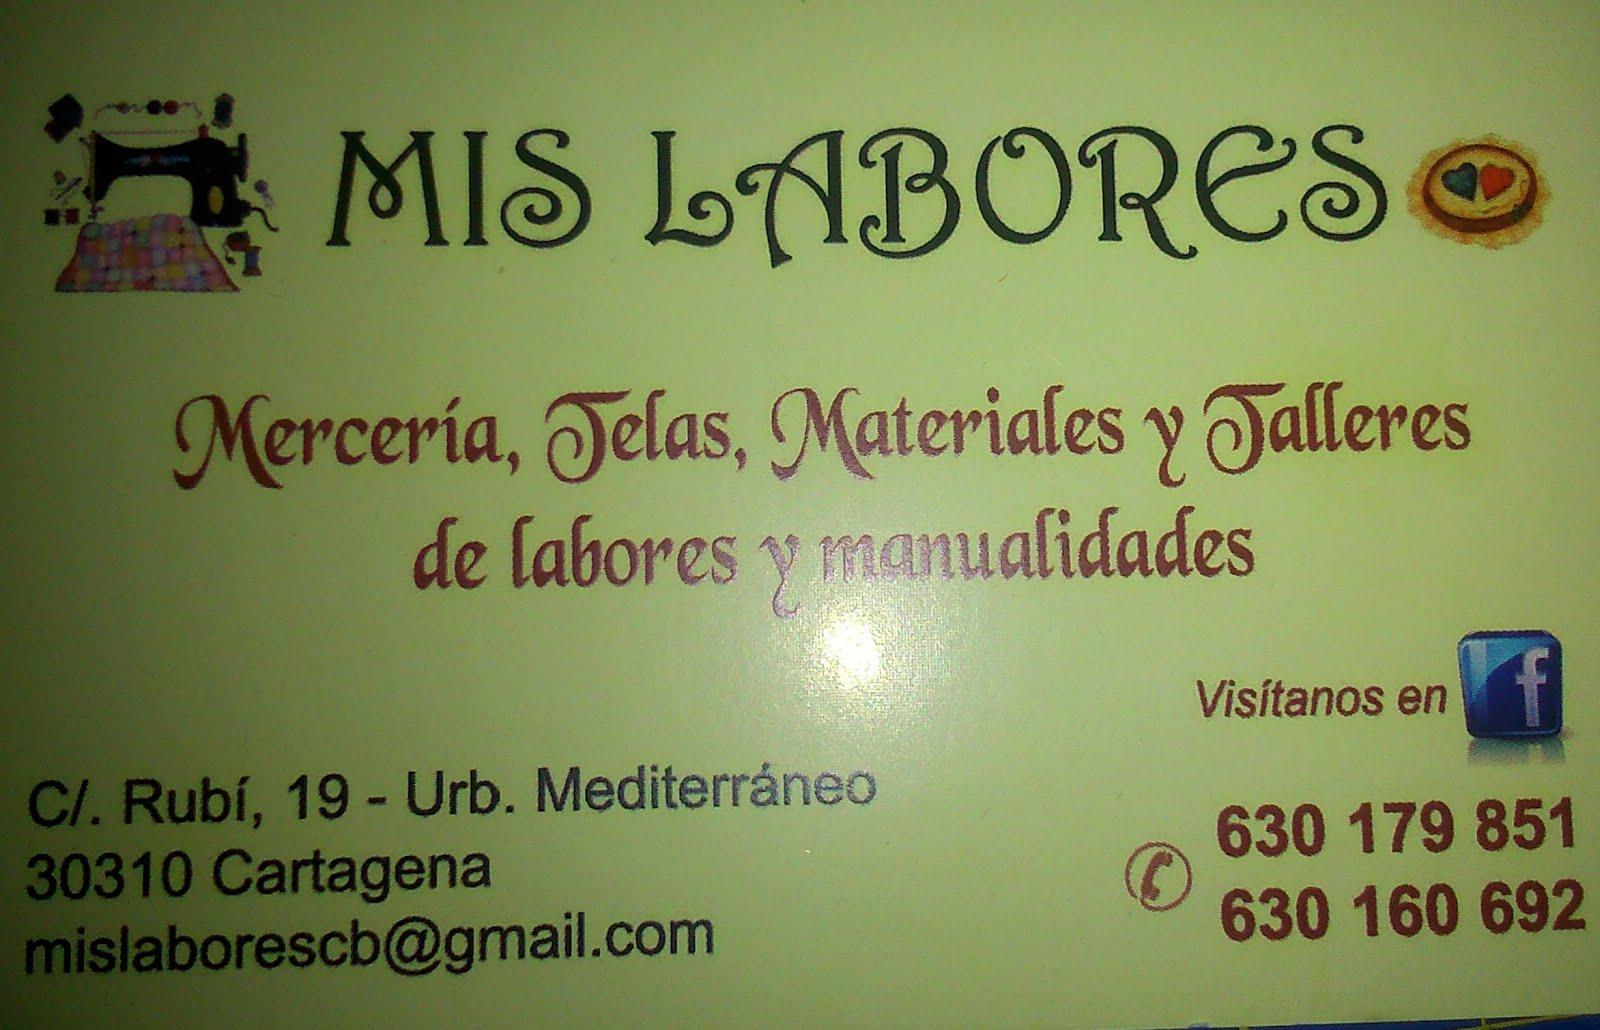 Mis labores (Cartagena)